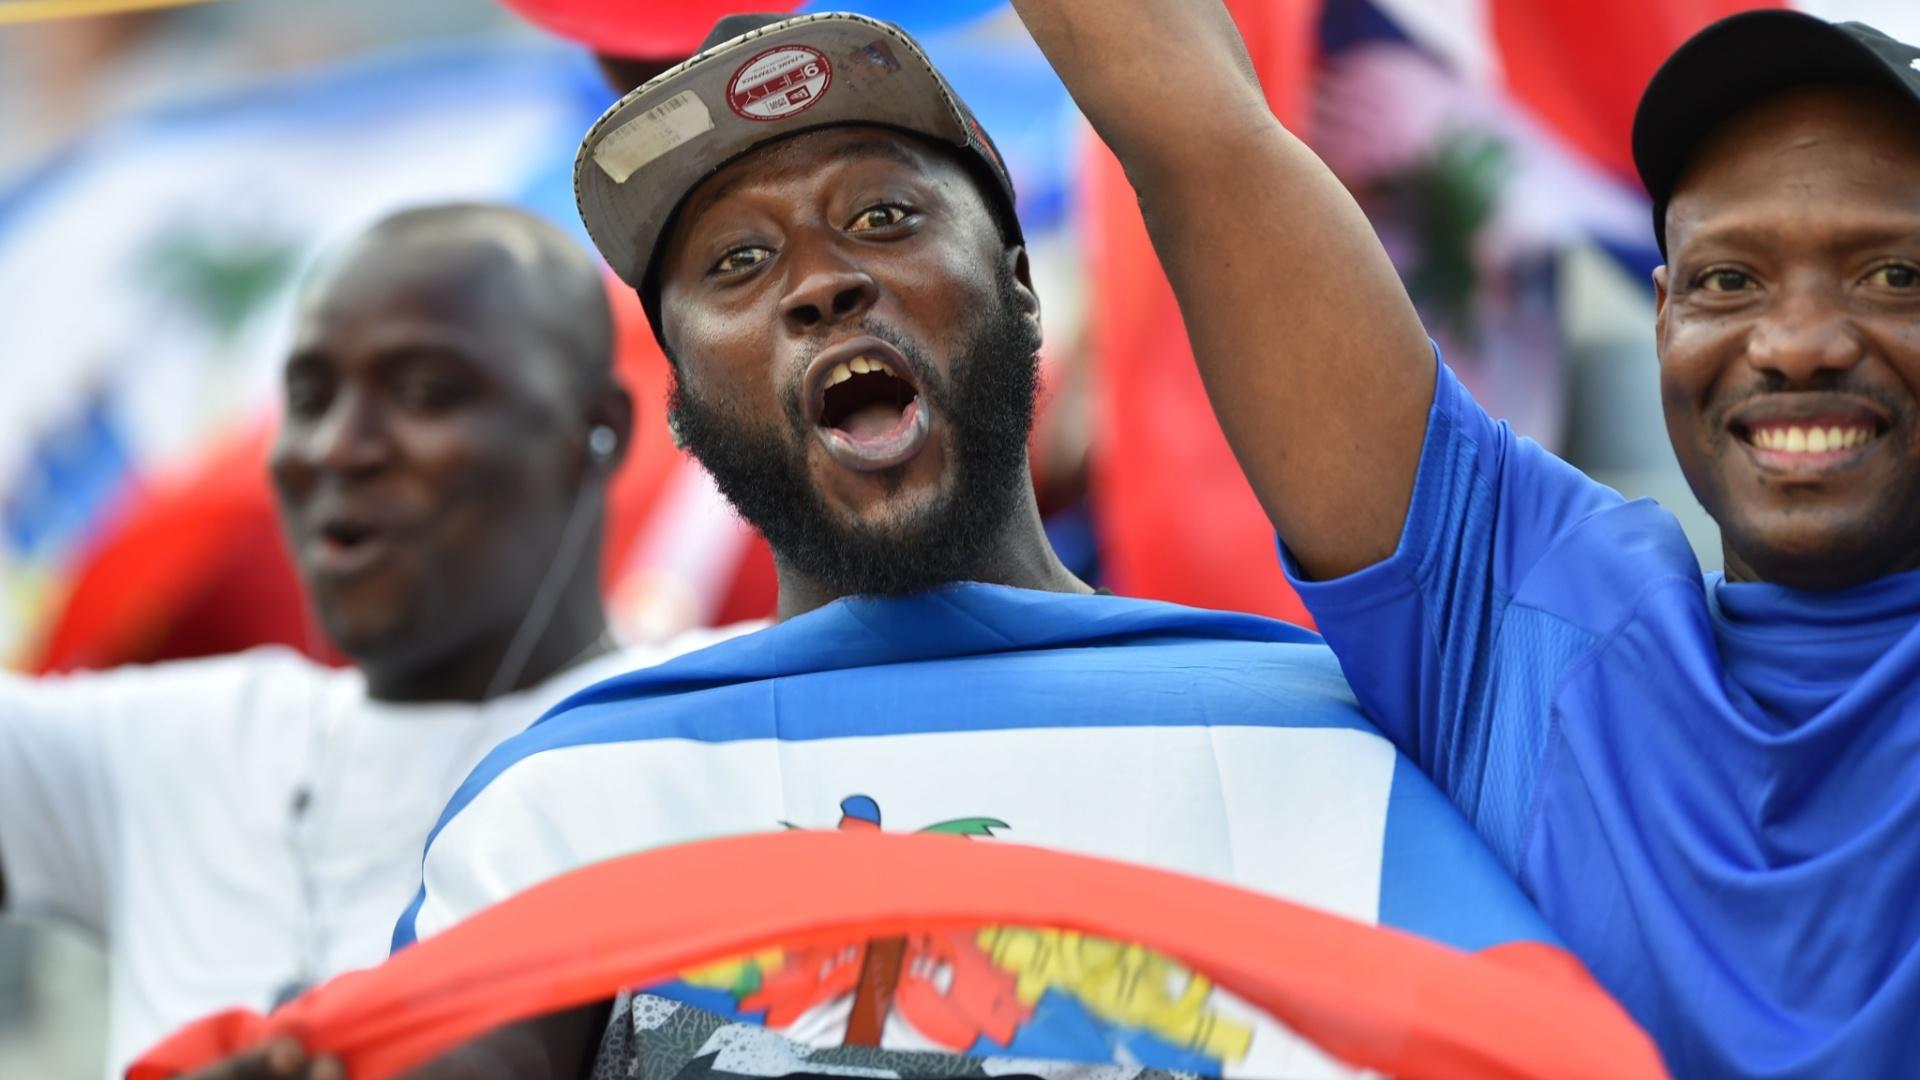 Torcida do Haiti faz festa em jogo contra o Brasil pela Copa América Centenário